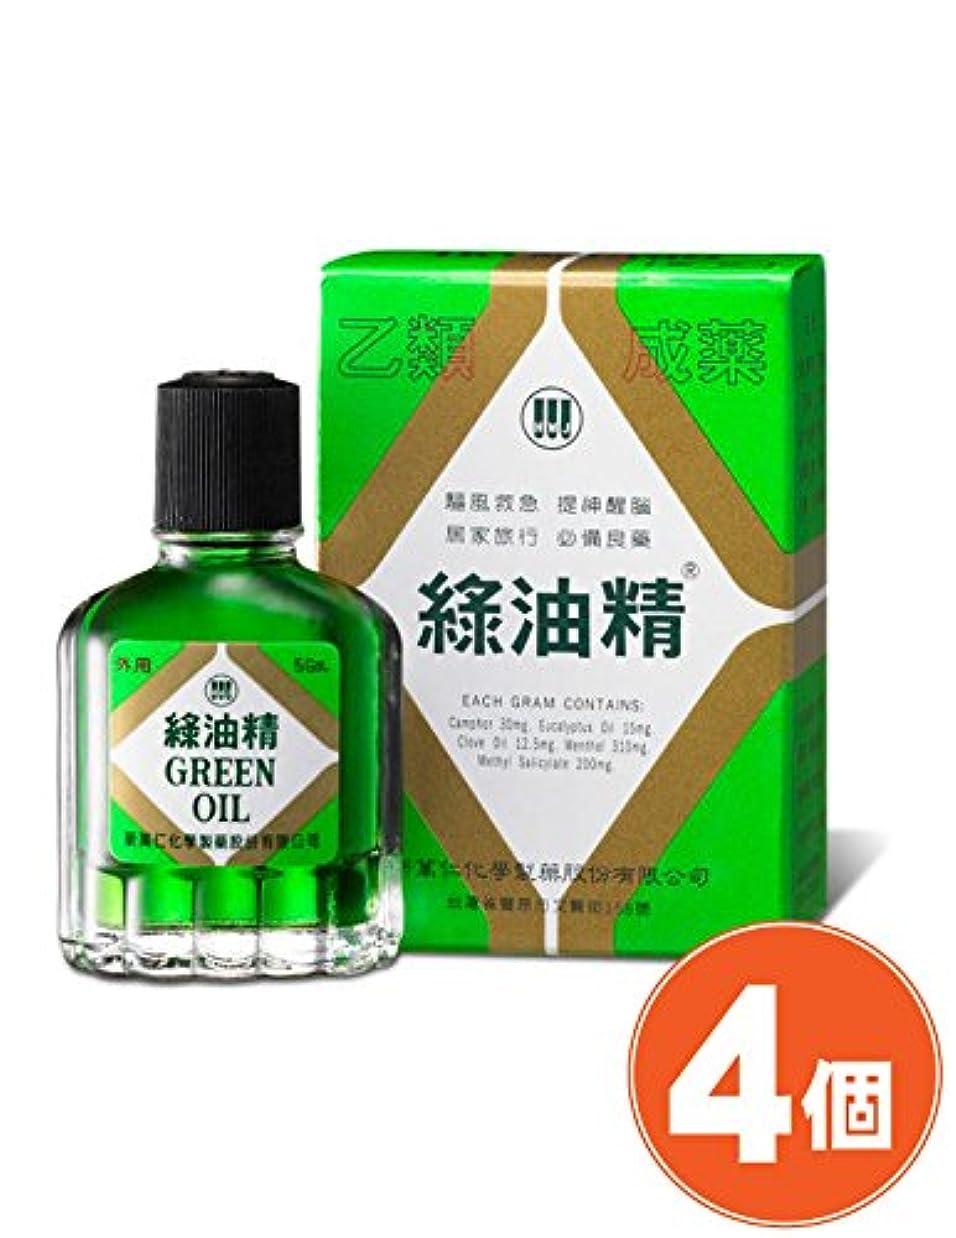 会議マダム懺悔《新萬仁》台湾の万能グリーンオイル 緑油精 5g ×4個 《台湾 お土産》 [並行輸入品]